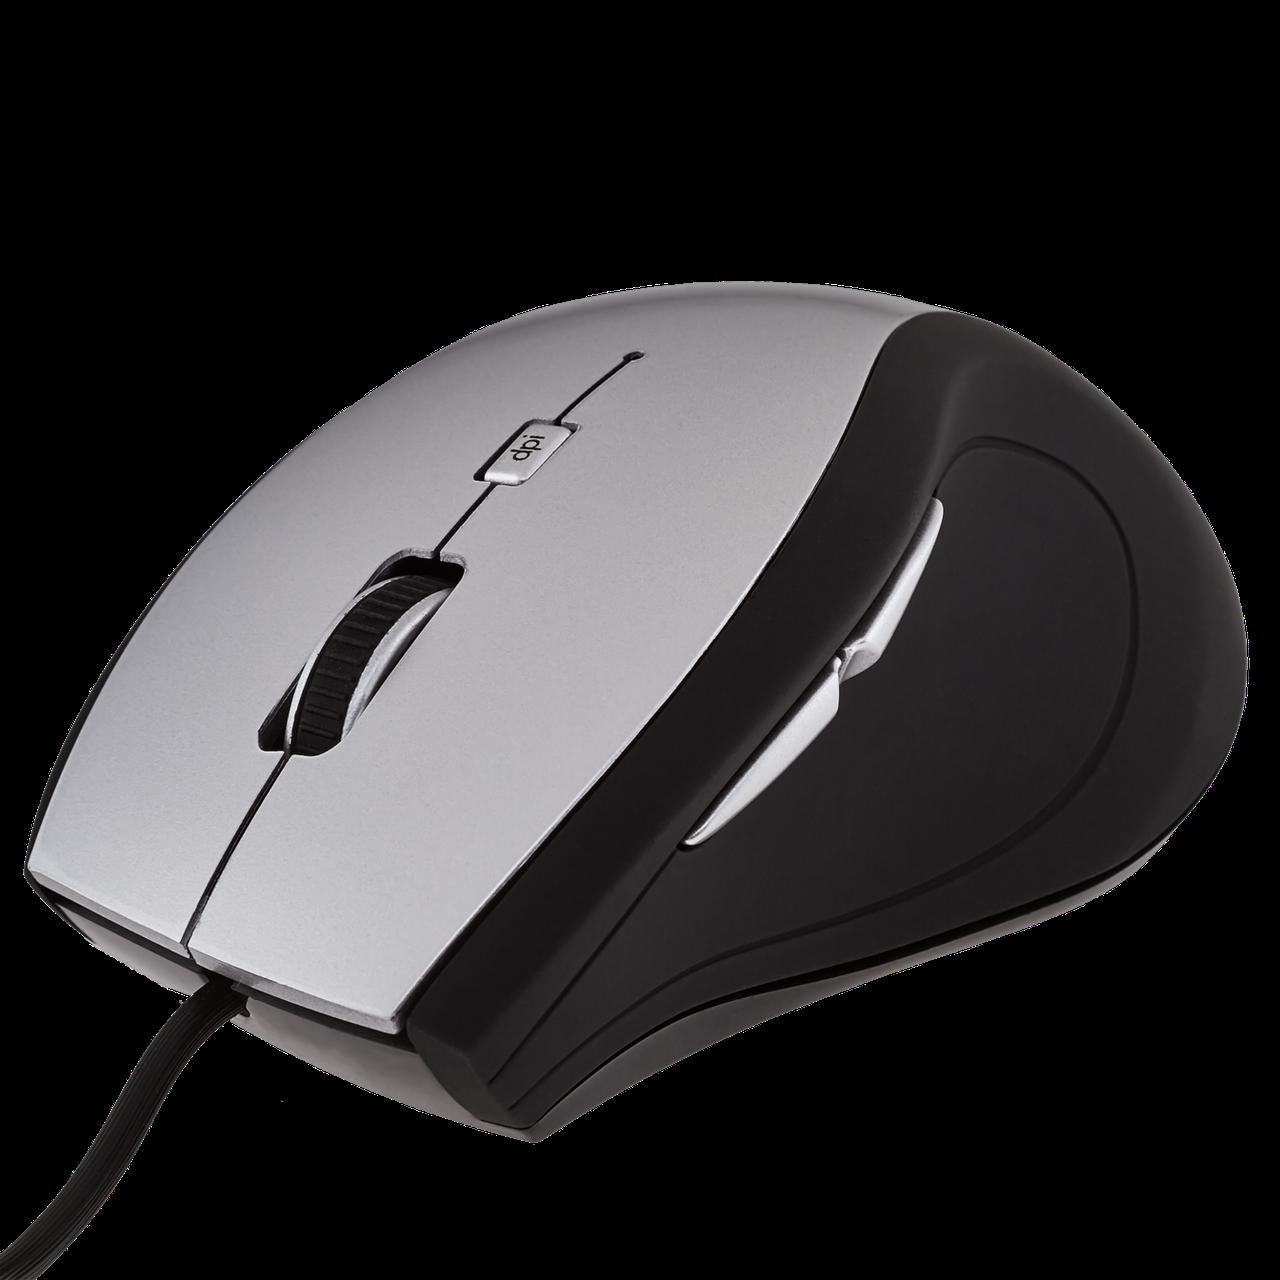 Мышка LogicFox LF-MS044 чёрно-серебристая, USB